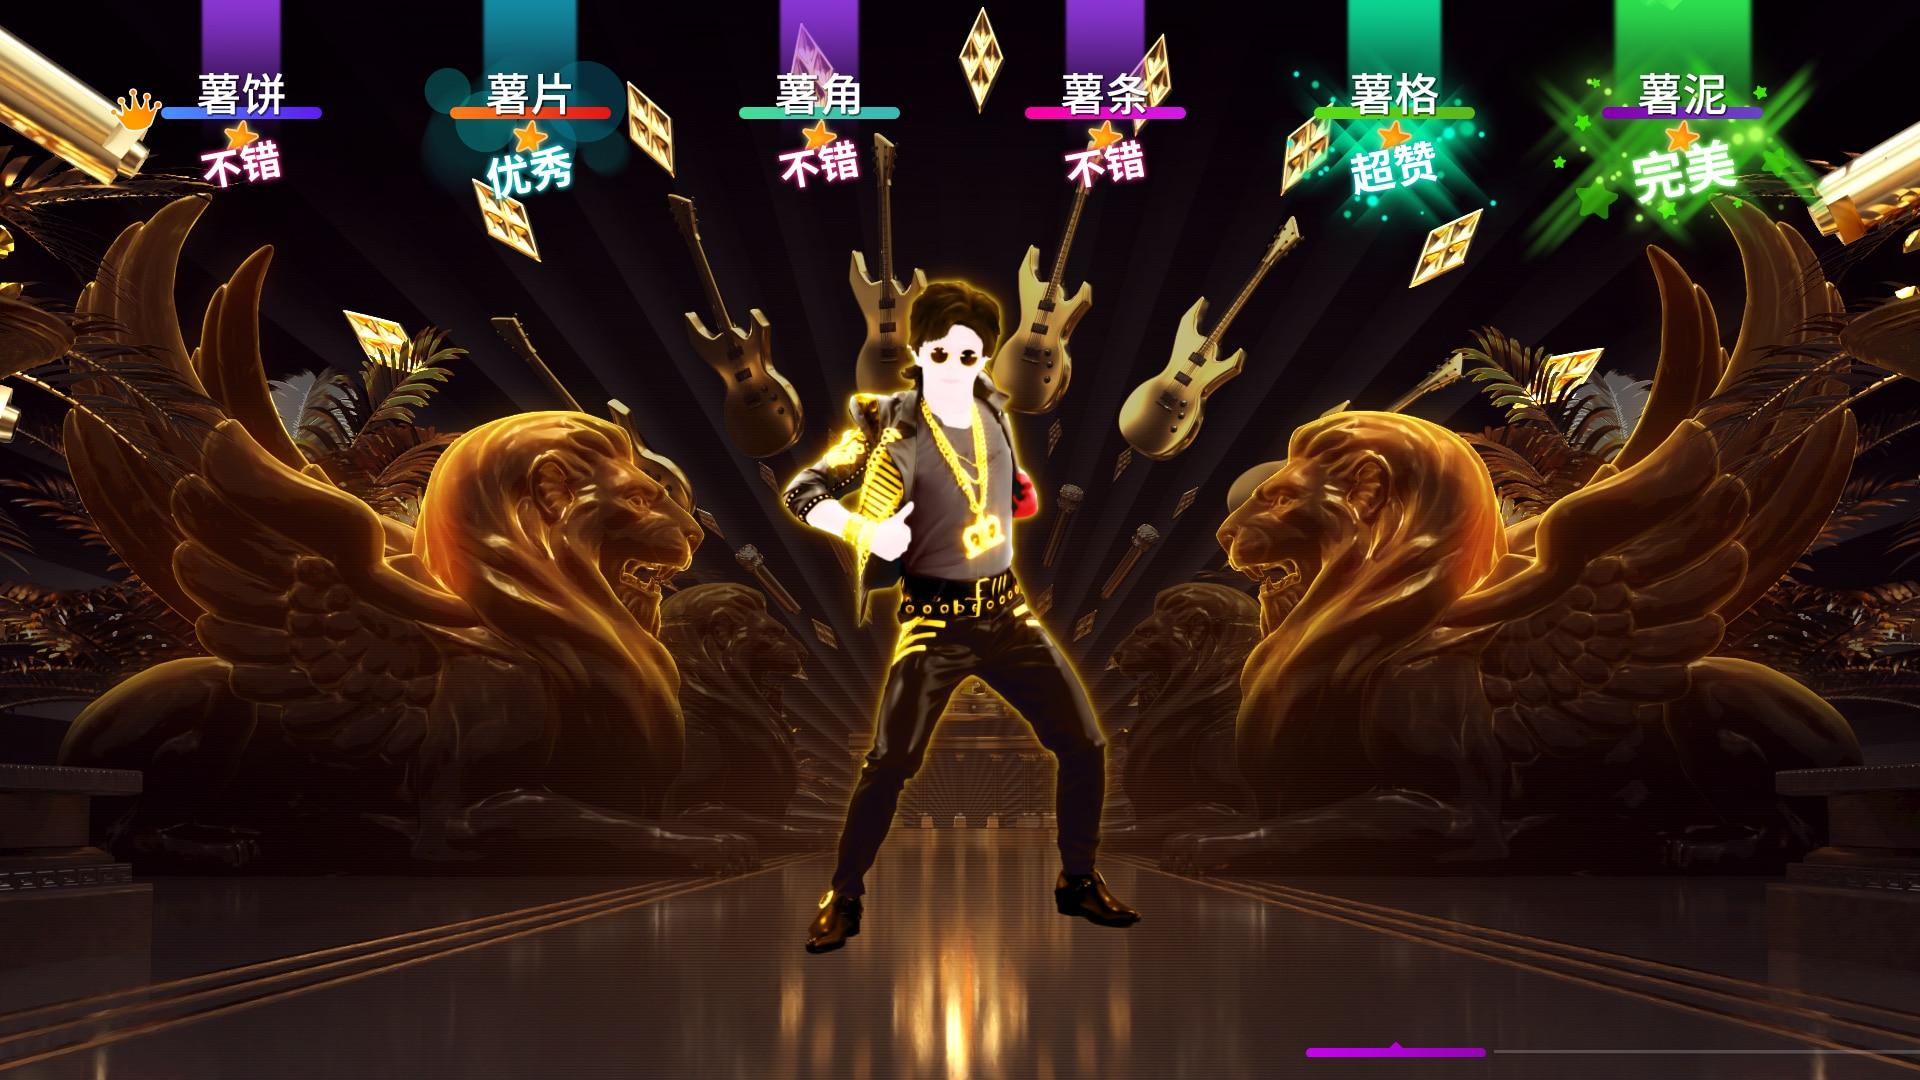 《舞力全开》现已登陆腾讯国行Switch 打造欢乐健身体验